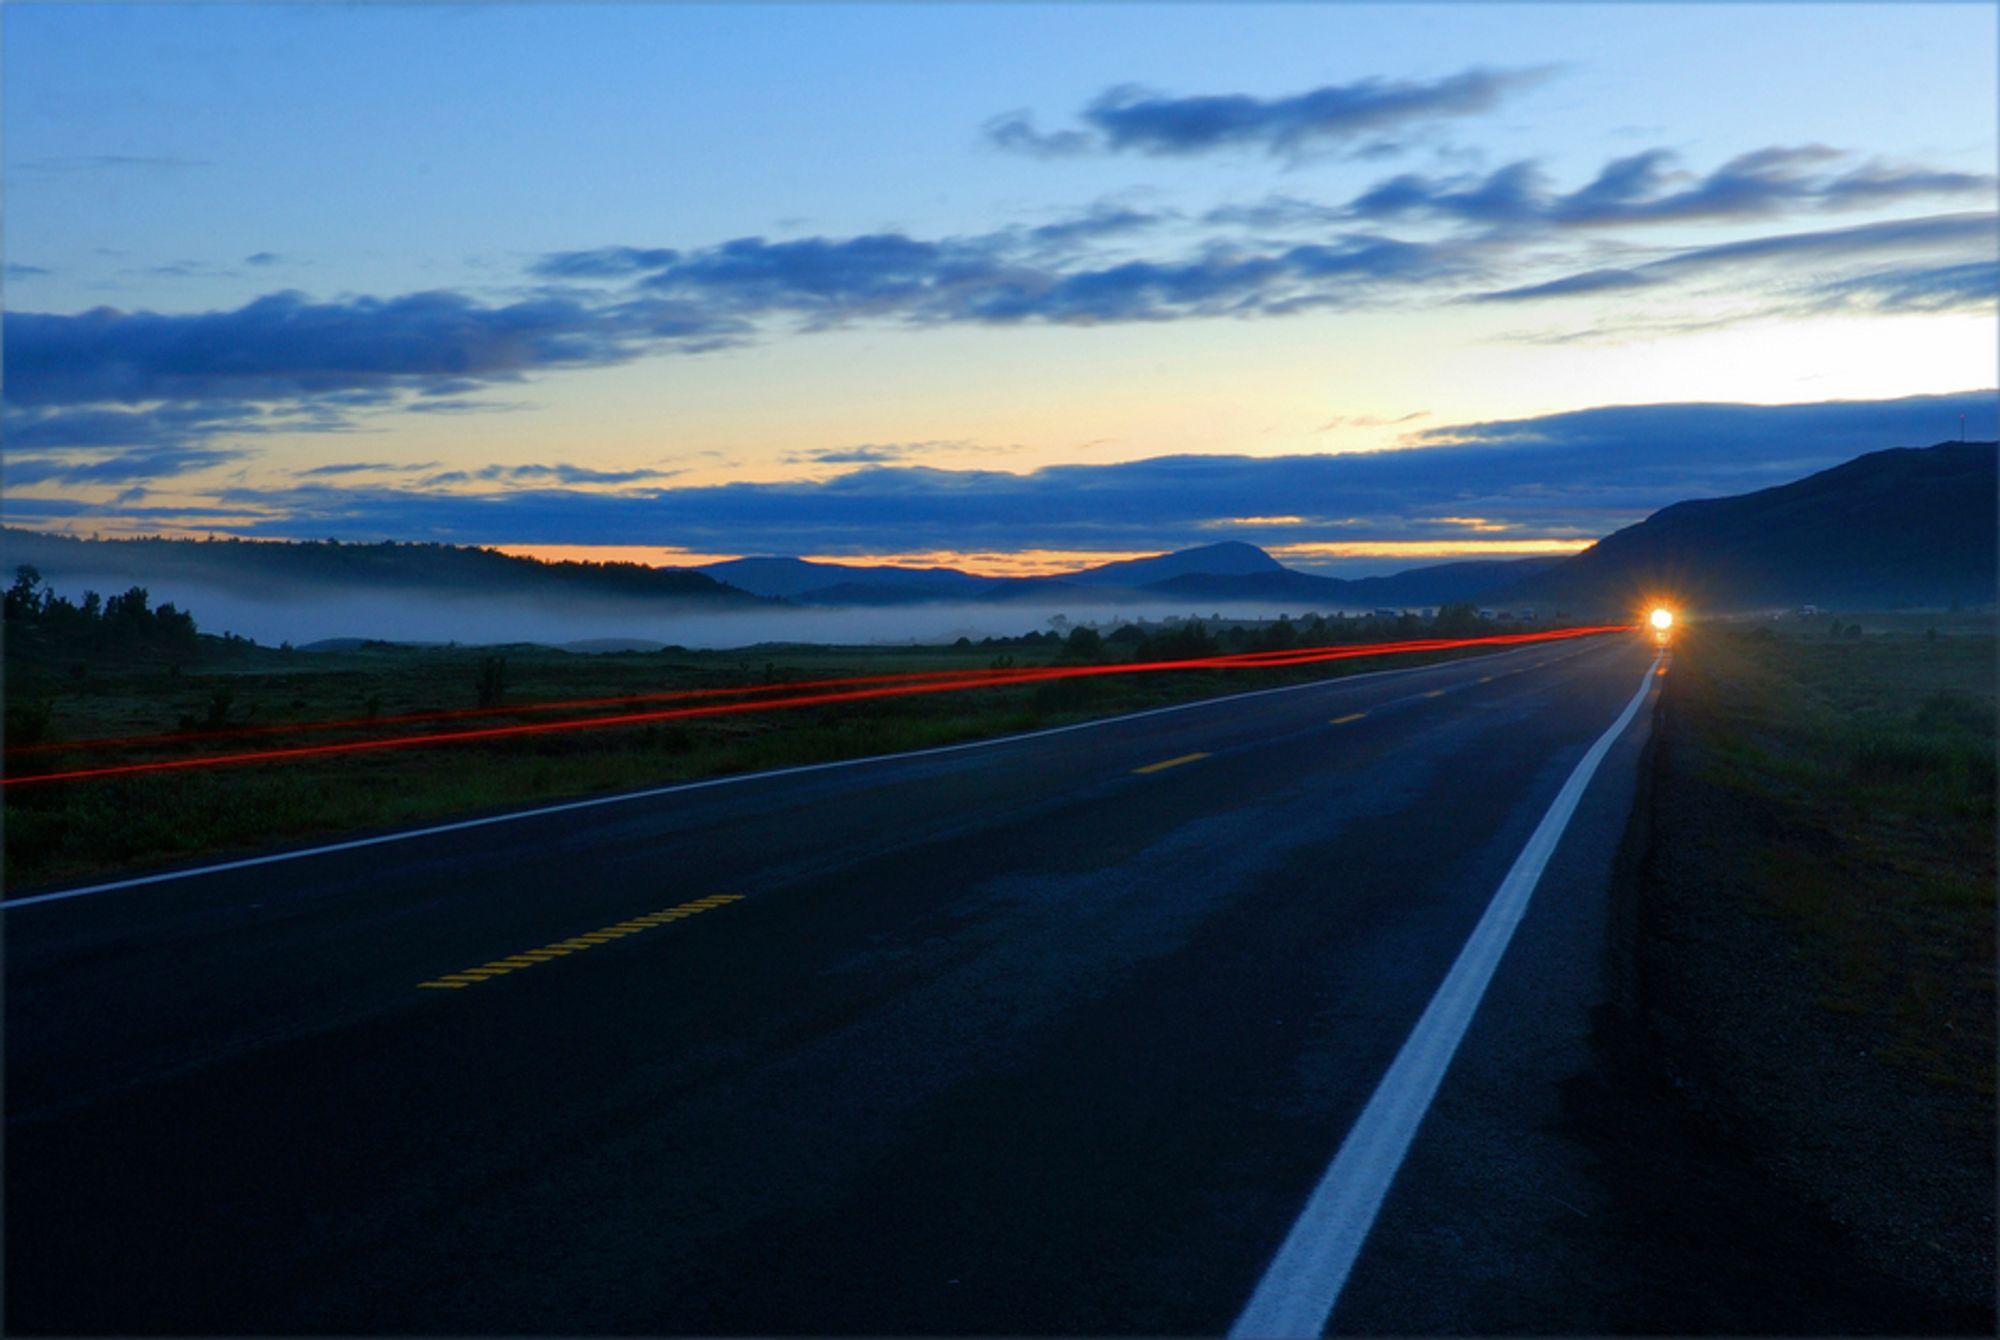 DYRERE: Nye krav til veiutforming, sikkerhet og miljø bidrar til økte kostnader for hver meter ferdig vei i Norge.